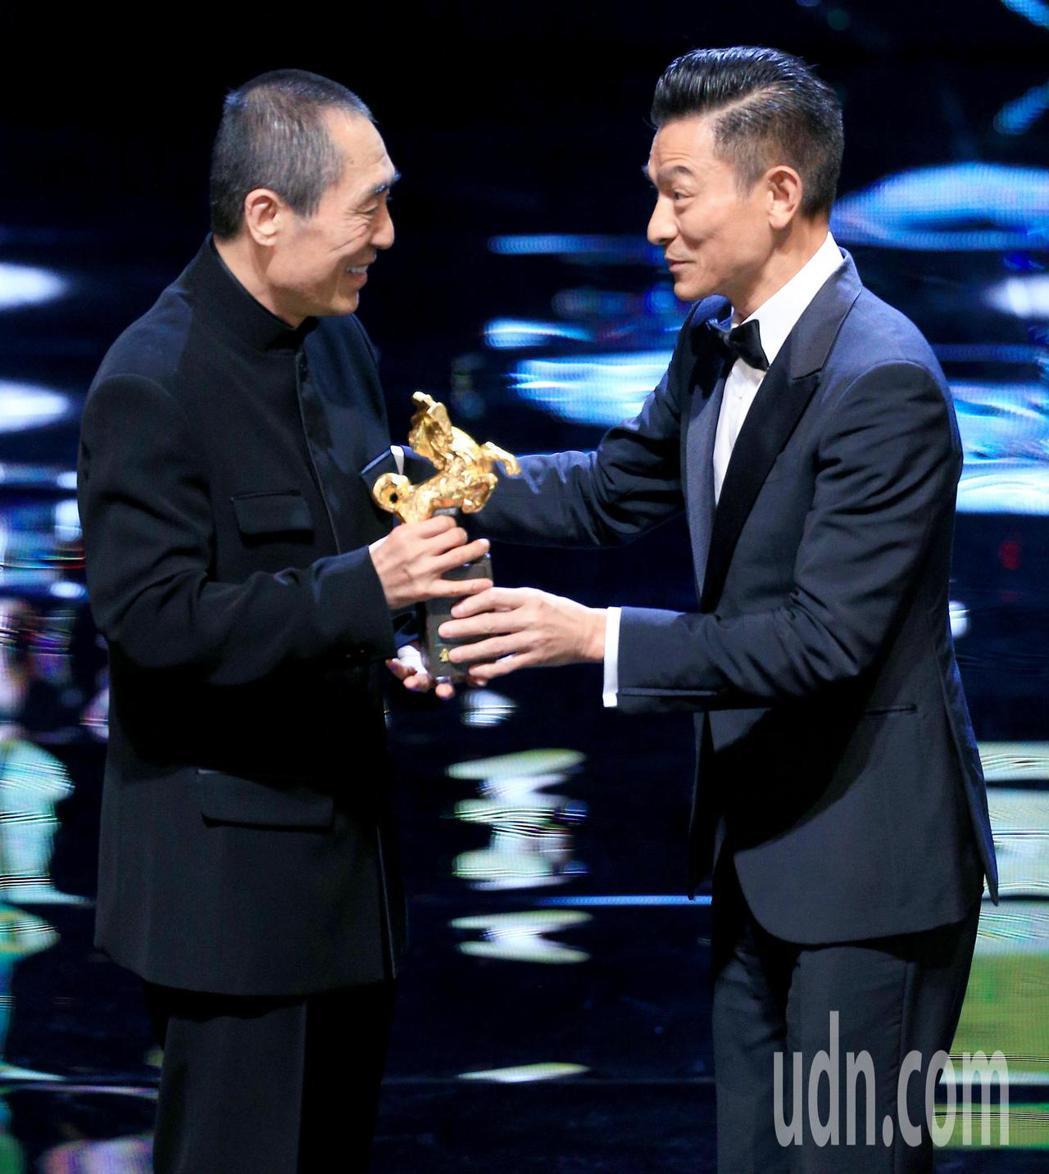 第55屆金馬獎頒獎典禮,張藝謀(左)以「影」獲頒最佳導演,接受劉德華(右)頒獎。...